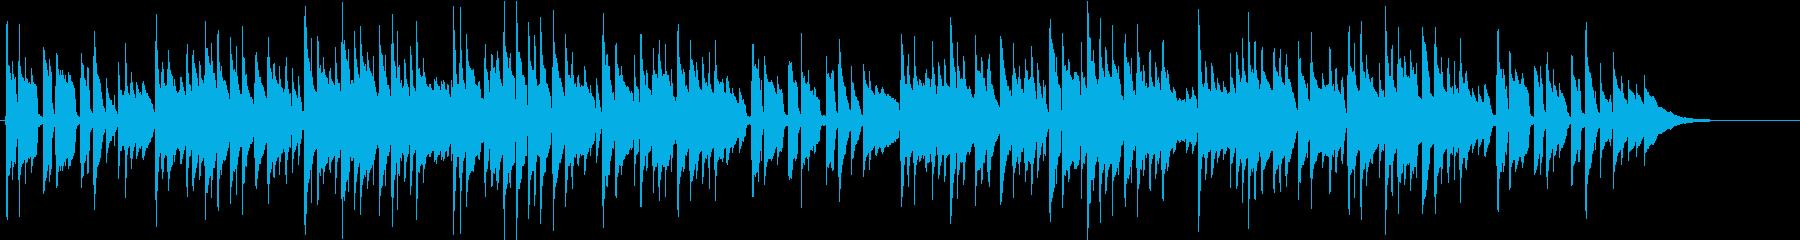 赤とんぼ アコギ 生演奏の再生済みの波形